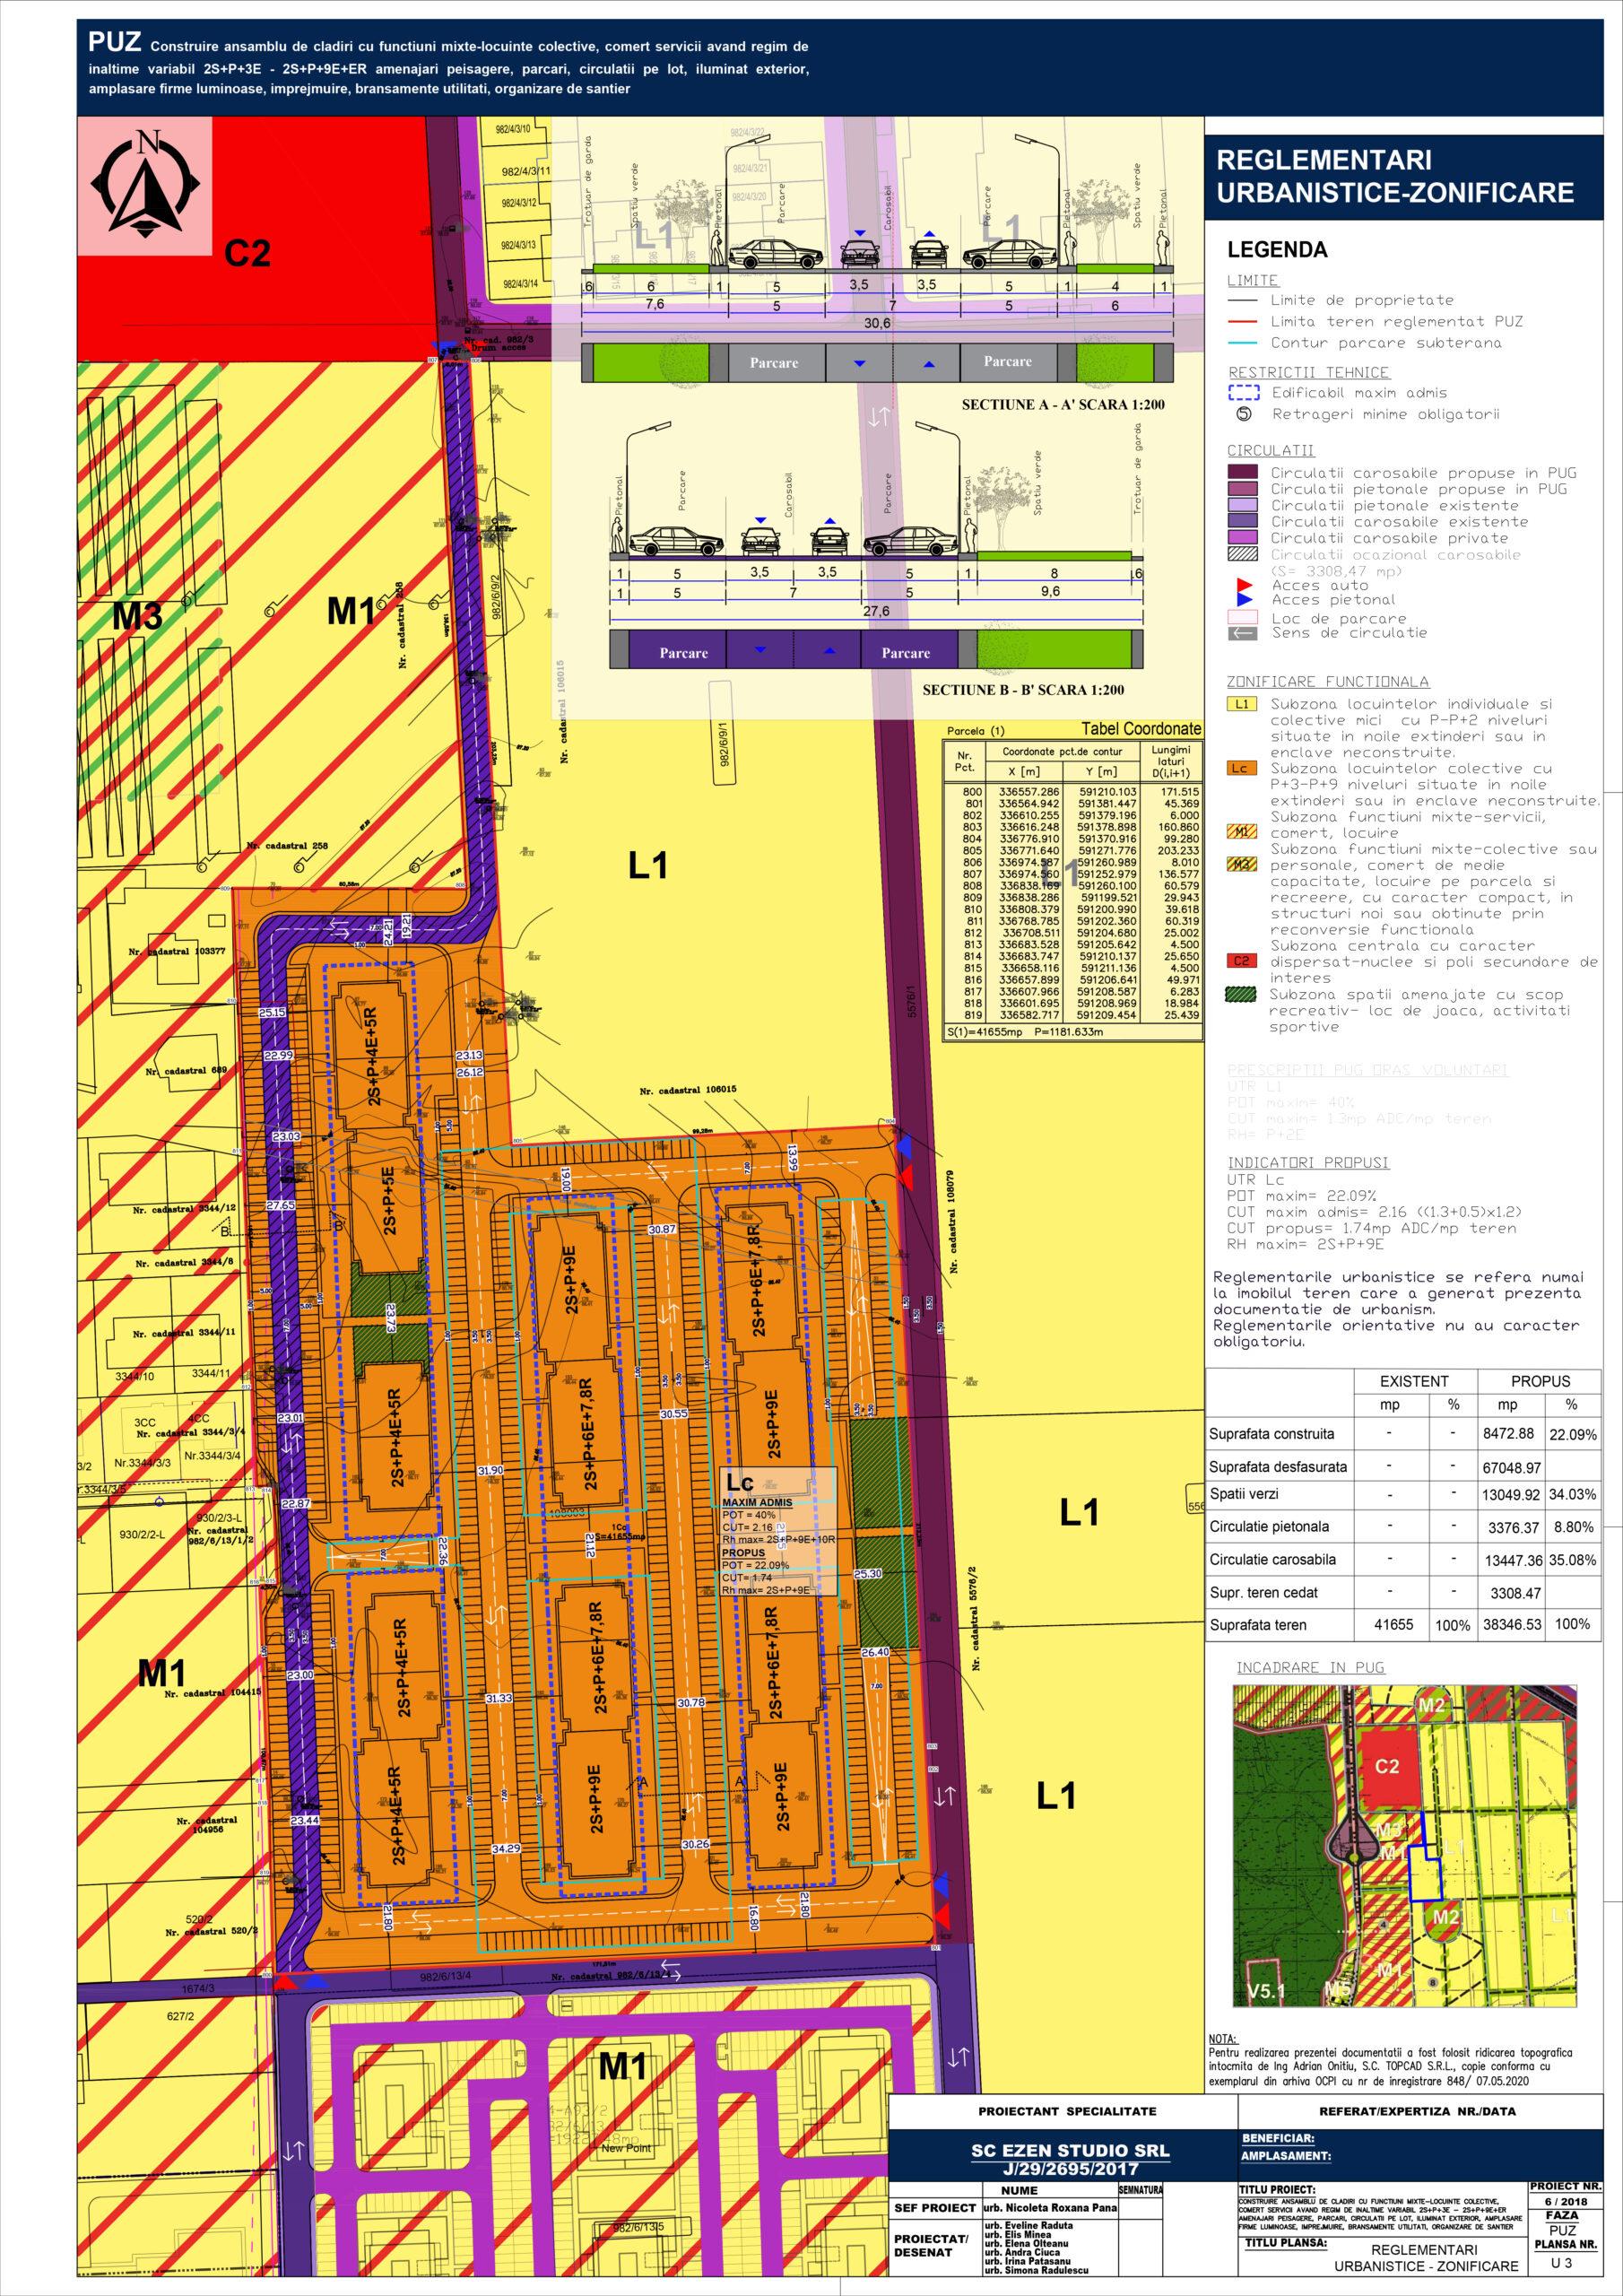 Construire amsamblu de clădiri cu functiuni mixte-locuințe colective, comer, servicii, având regim de înălțime variabil 2S+P+3E - 2S+P+9E+ER, amenajări peisagere, parcări, circulații pe lot, iluminat exterior, amplasare firme luminoase, împrejmuire, branșamente utilități, organizare de șantier - Reglementări urbanistice - zonificare